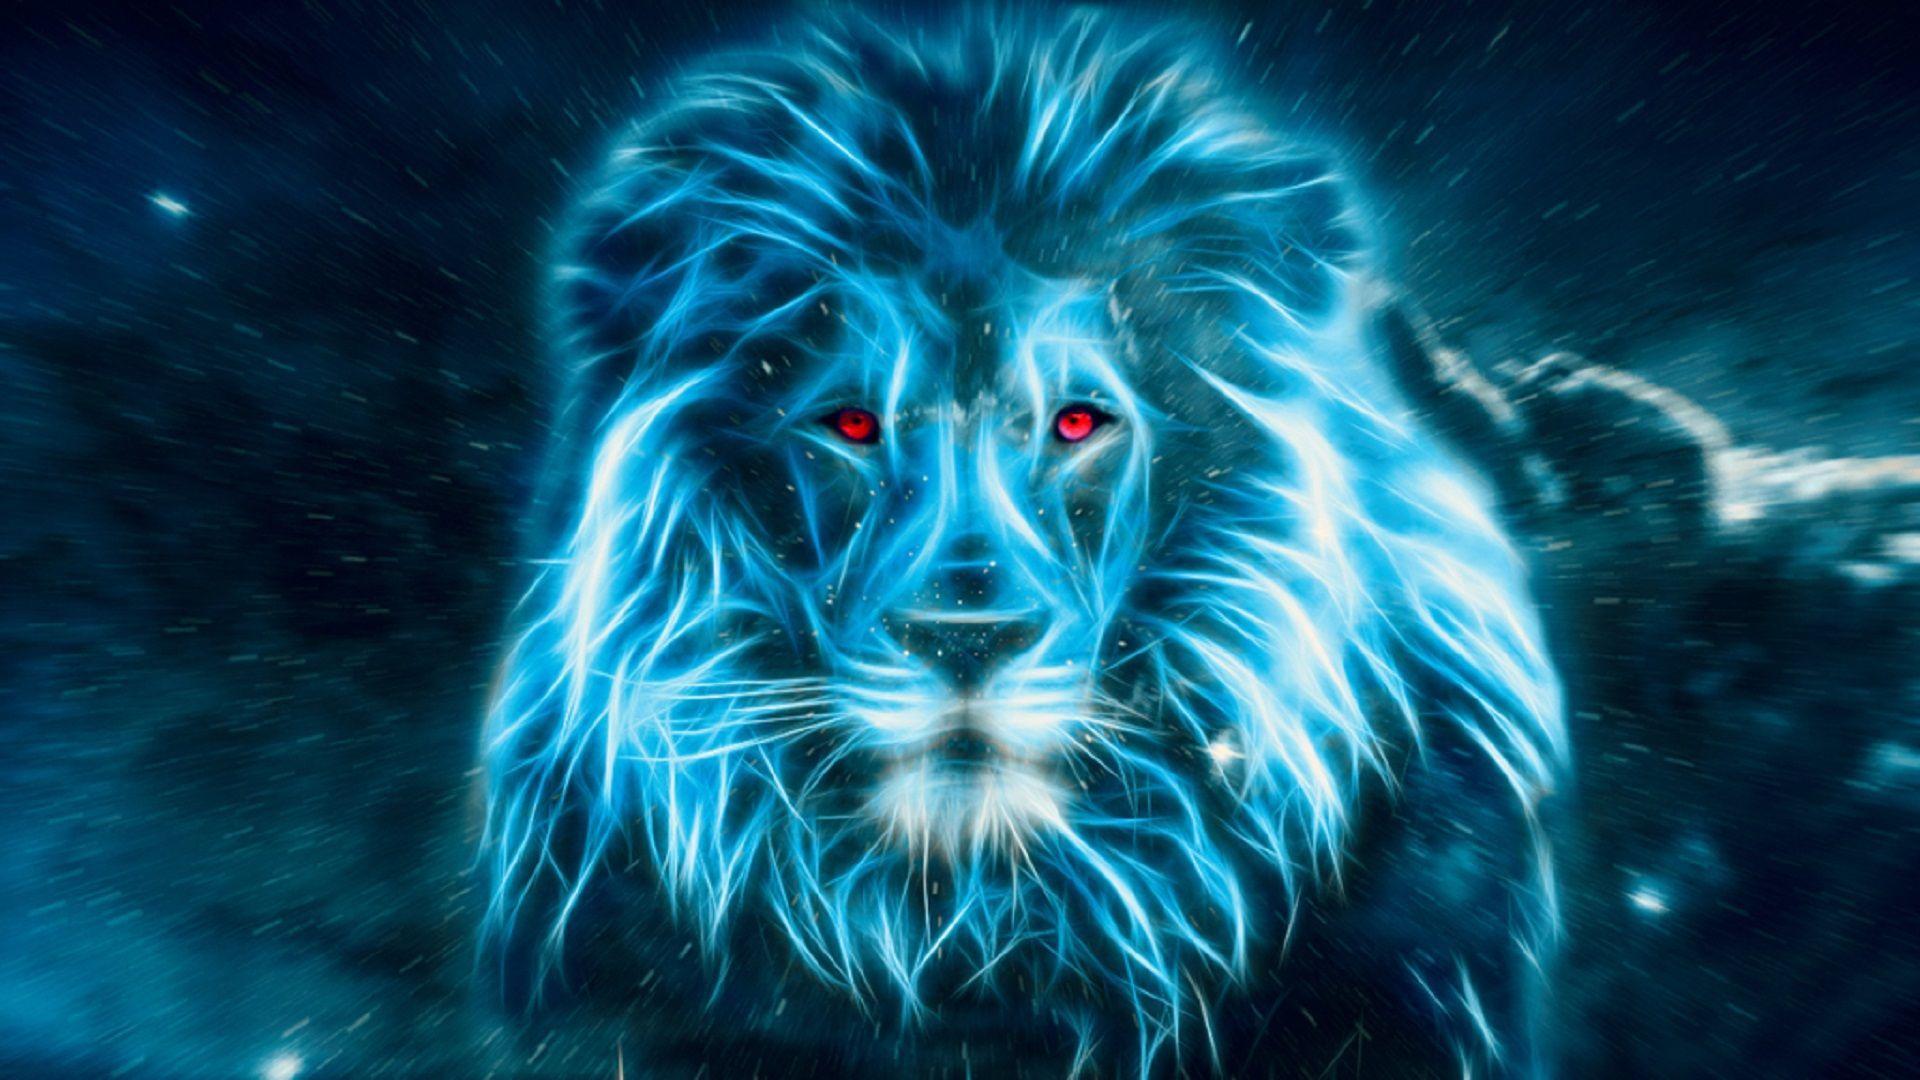 Hình nền sư tử 3D